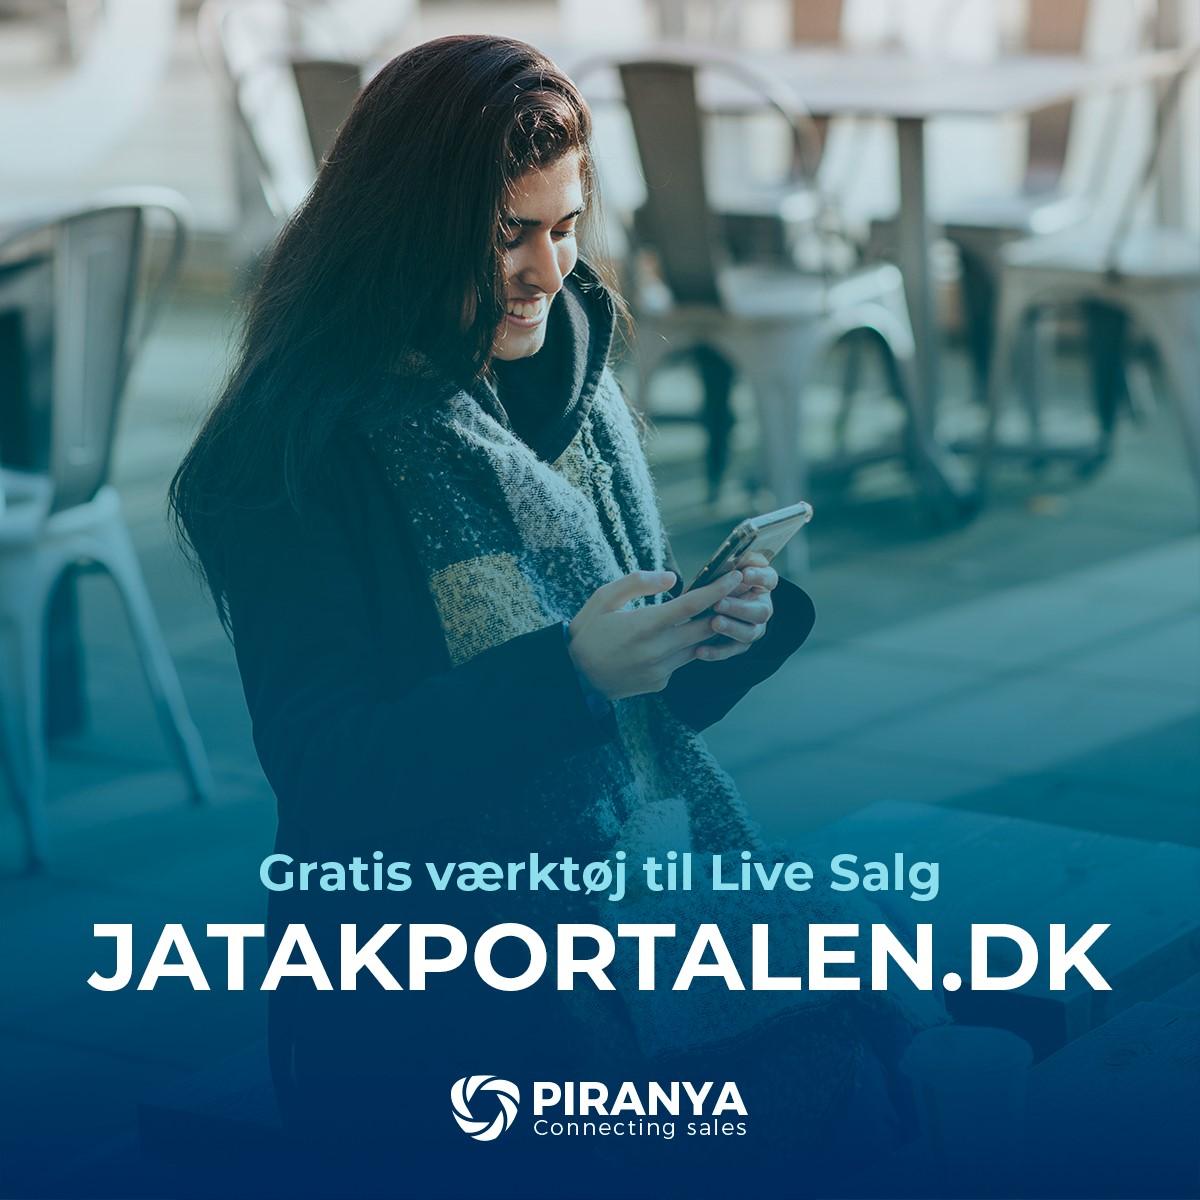 """""""Ja Tak tilbud"""" er stukket helt af: Piranya har succes med smart løsning"""